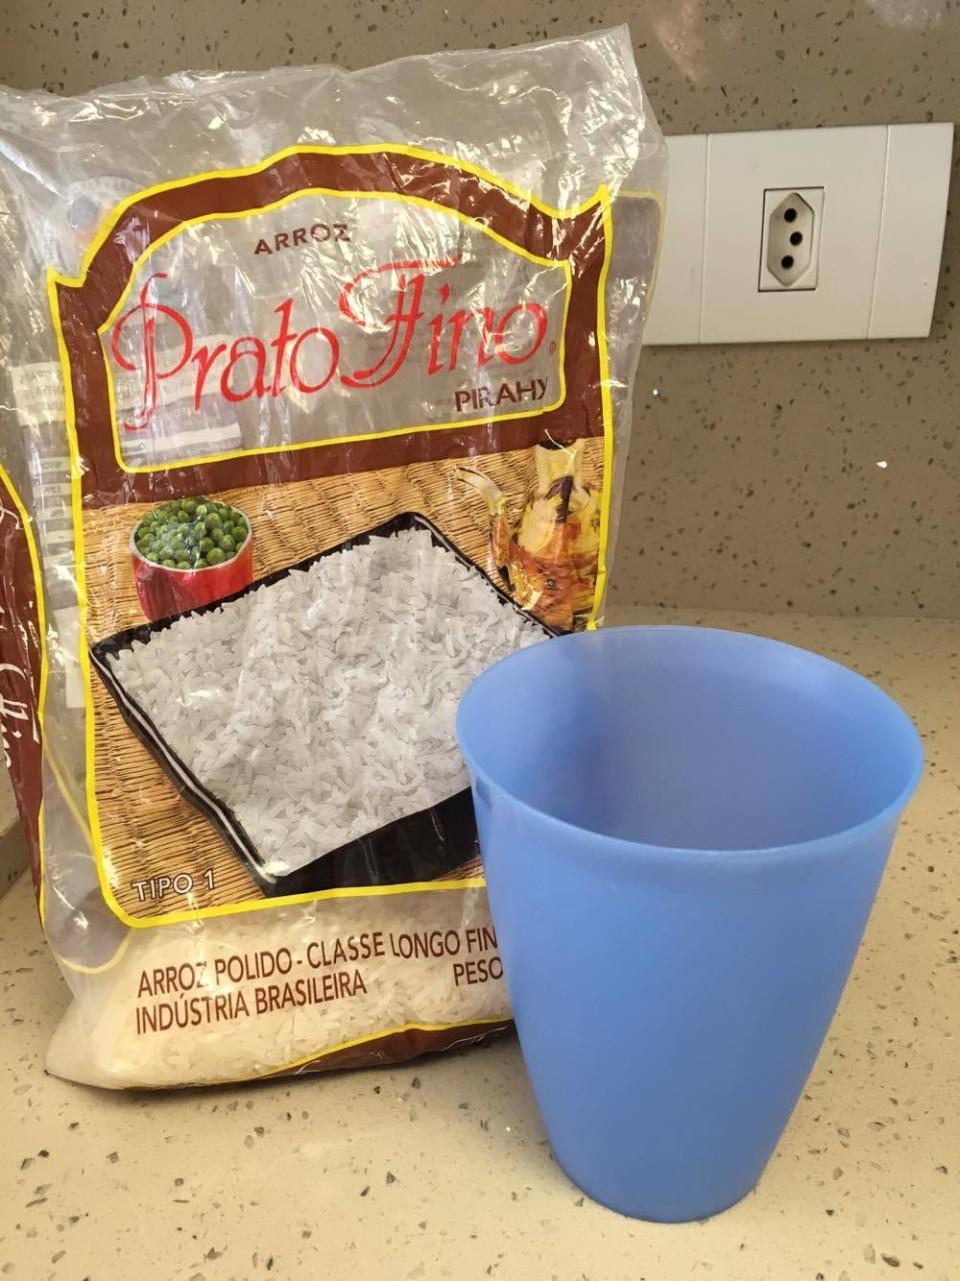 Arroz Passo a Passo - Um copo de 450 ml serve 5 pessoas. Gosto muito do Arroz Prato Fino.